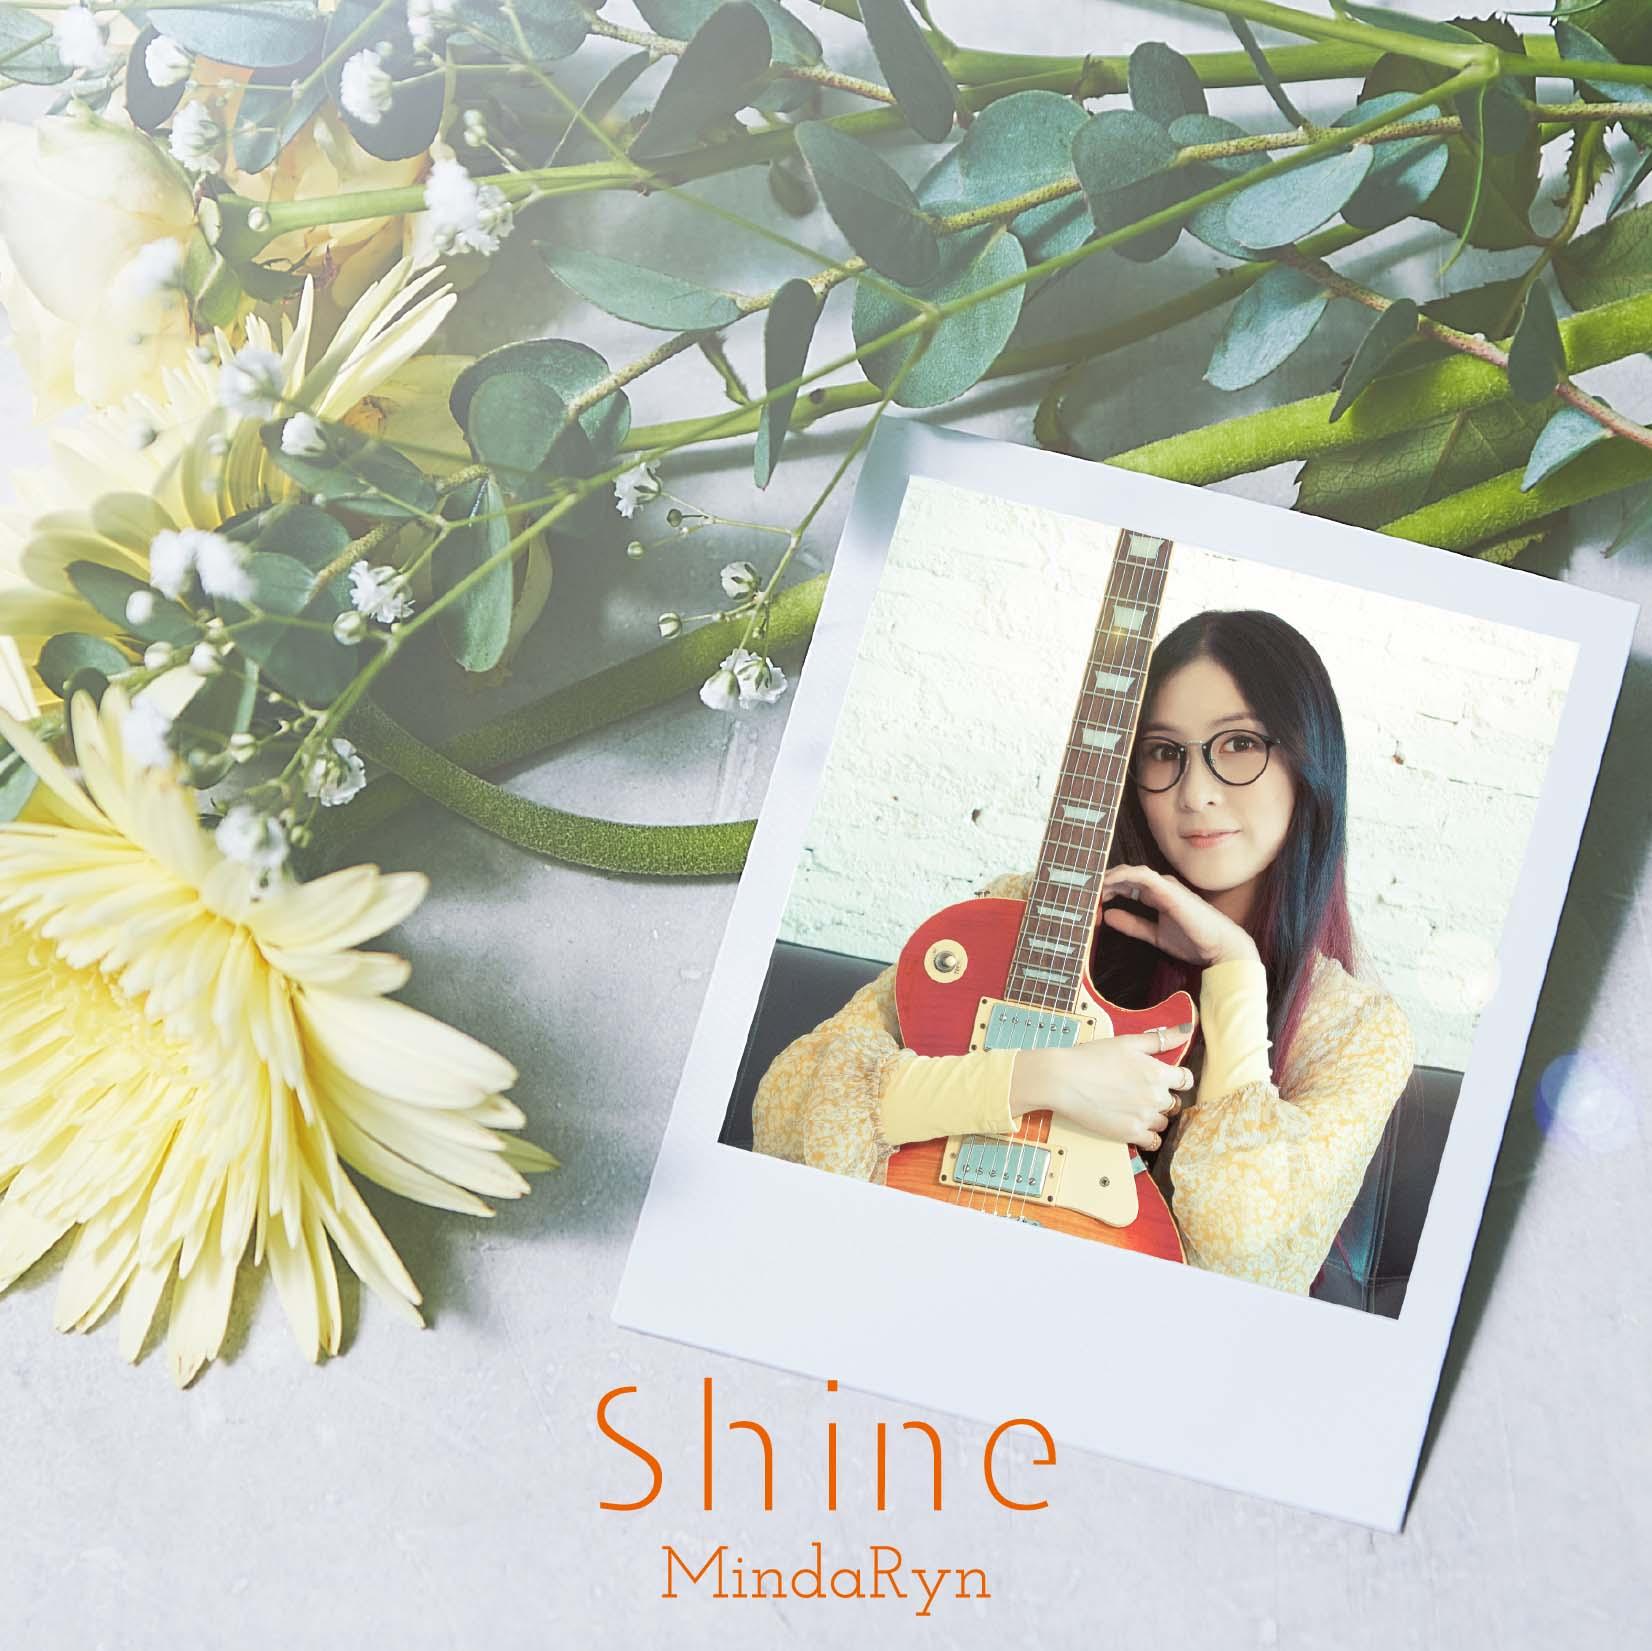 タイ人アニソンシンガー・MindaRyn(マイダリン) 3rd Single「Shine」ジャケット写真、アーティスト写真、全曲試聴動画公開!TVアニメ『サクガン』エンディングテーマを担当!